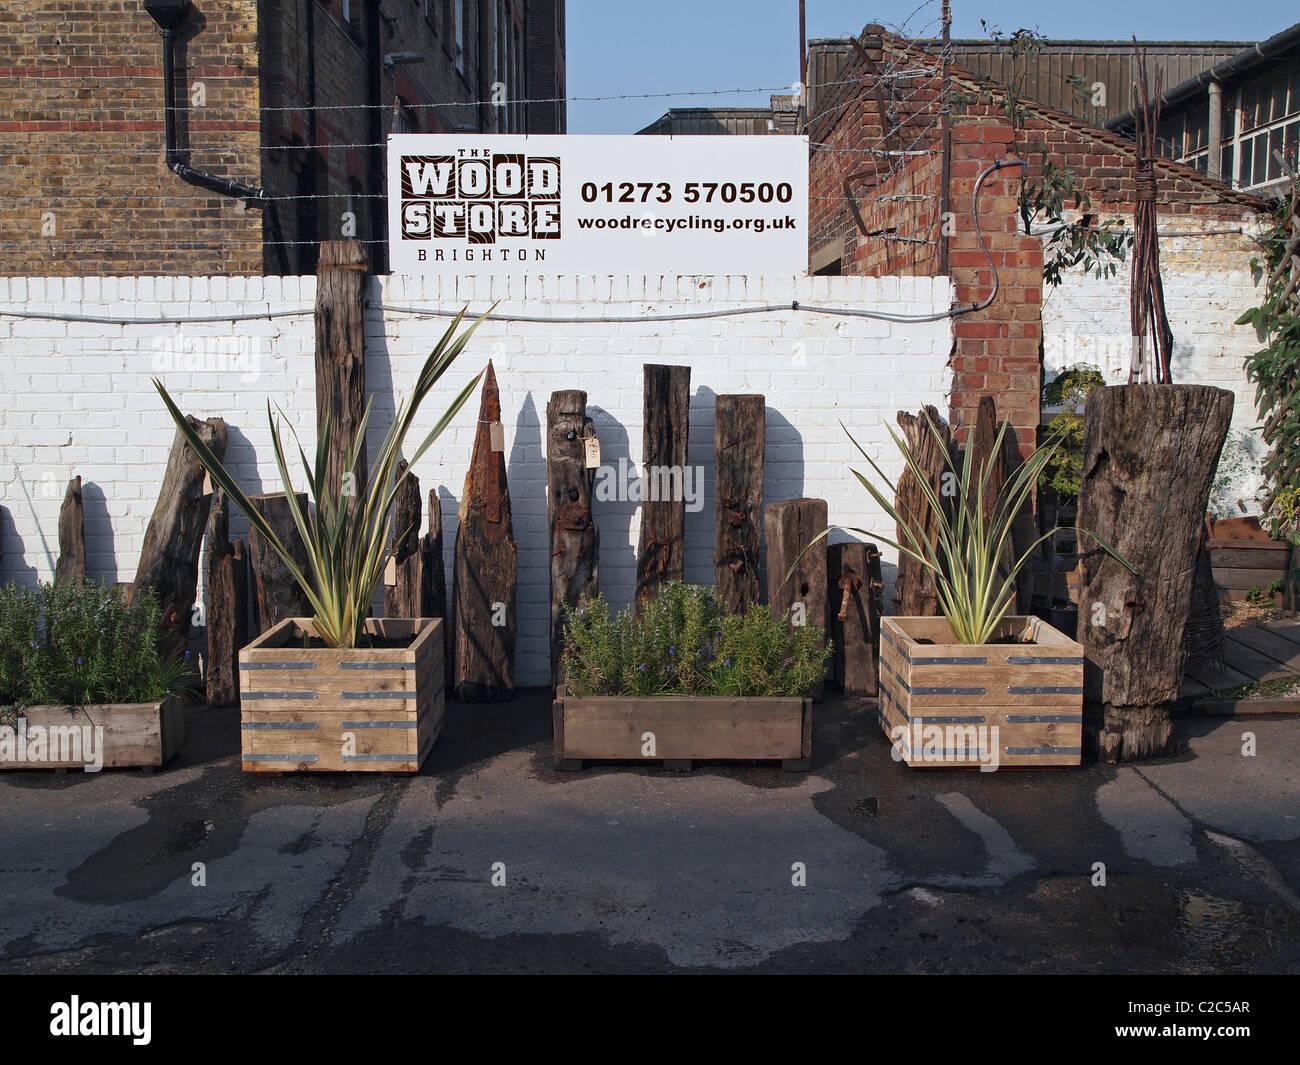 Garden planters fabriqués à partir de bois recyclé et de sculptures plus petites de 'driftwood' Photo Stock